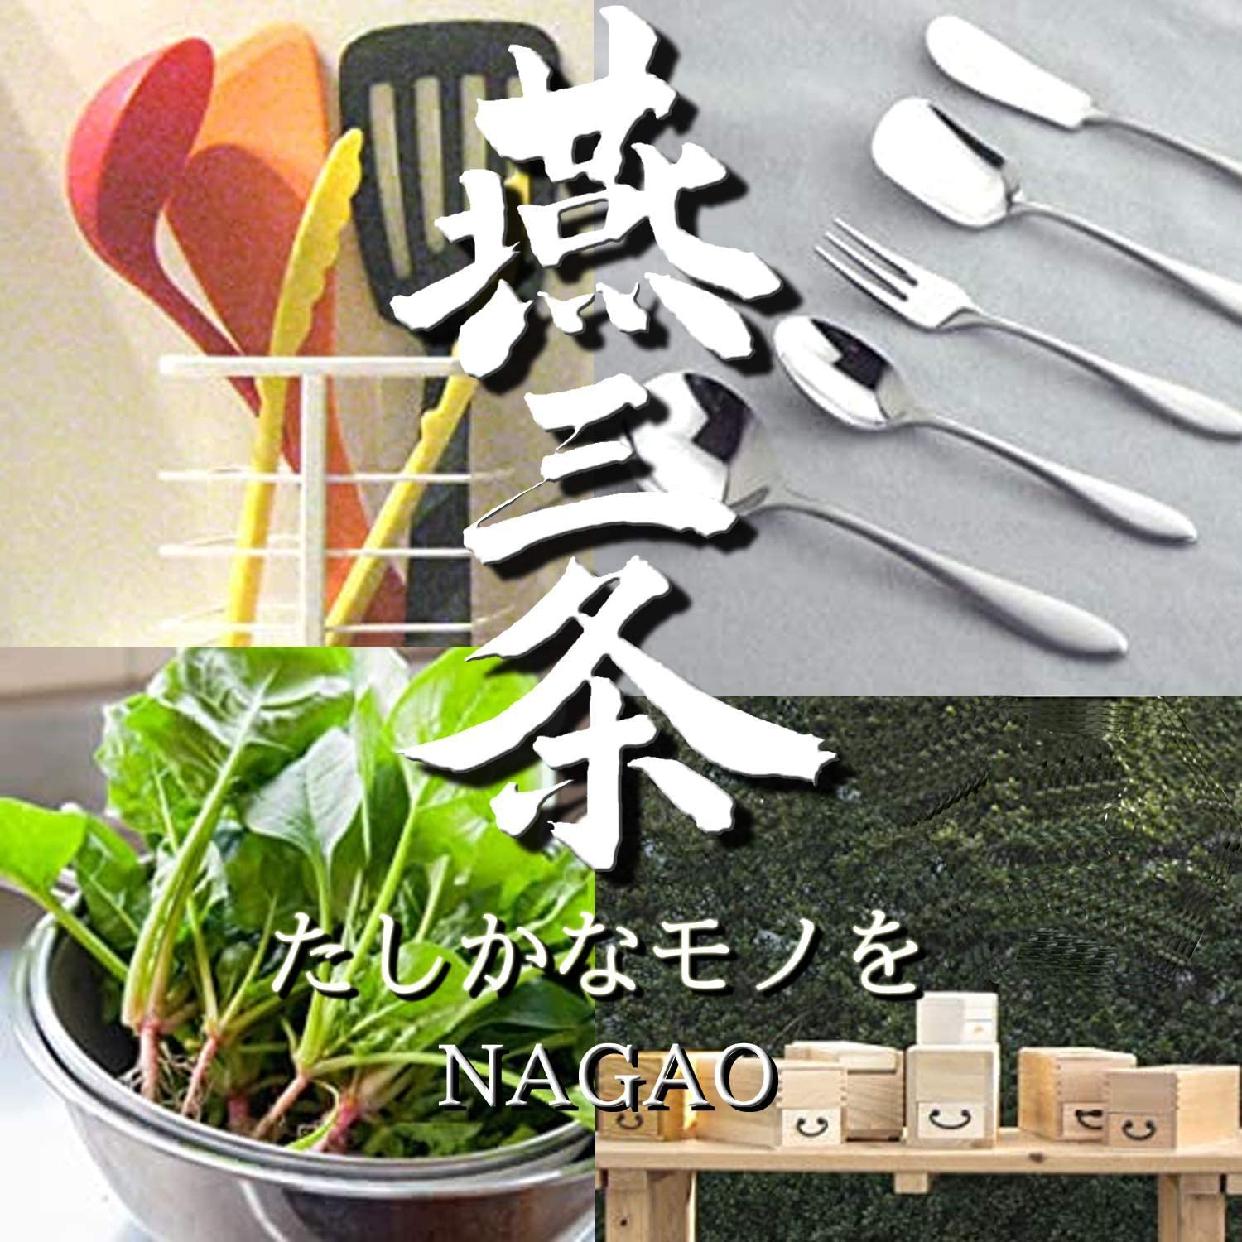 NAGAO(ナガオ)バースプーン32cm 18-0ステンレス シルバーの商品画像7